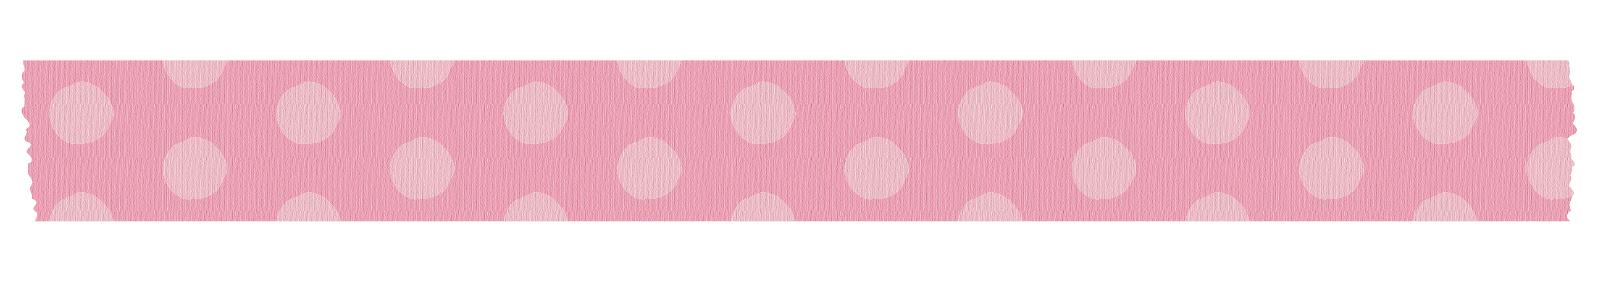 長く切ったピンク色の水玉のマスキングテープ